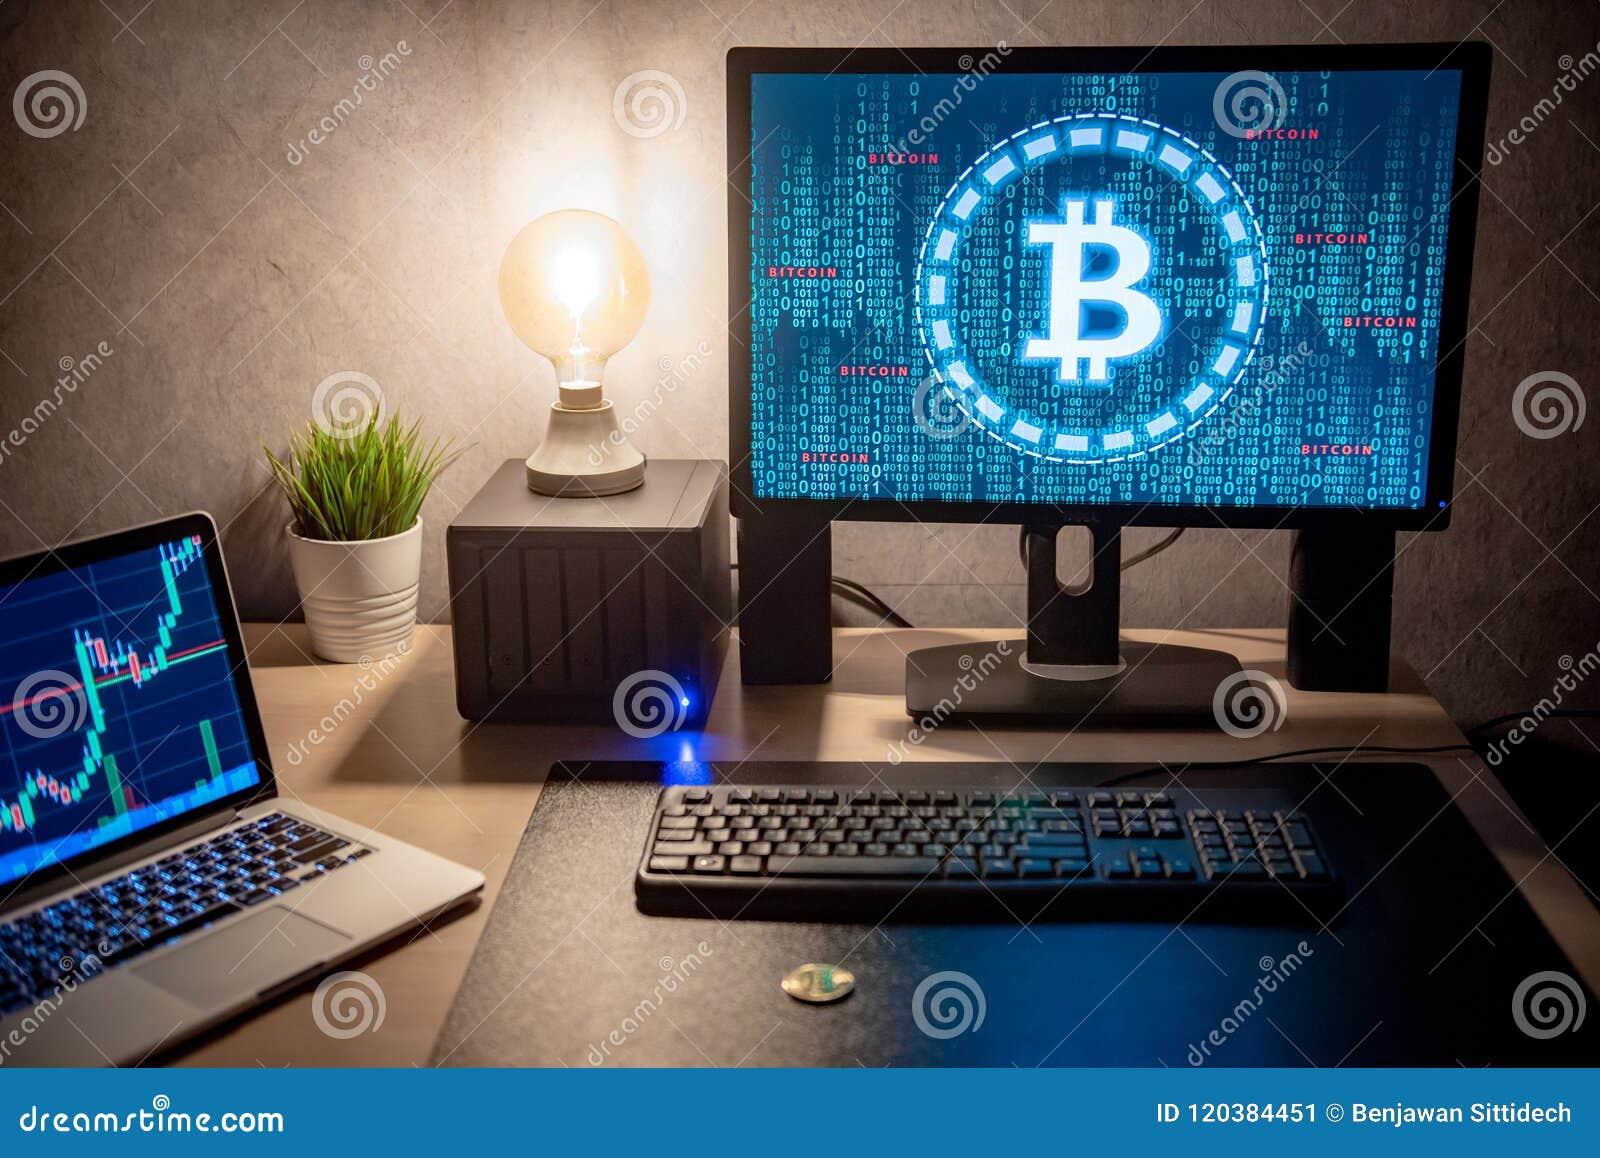 Il Bitcoin corre a 38mila dollari: effetto Elon Musk e Amazon sulle criptovalute